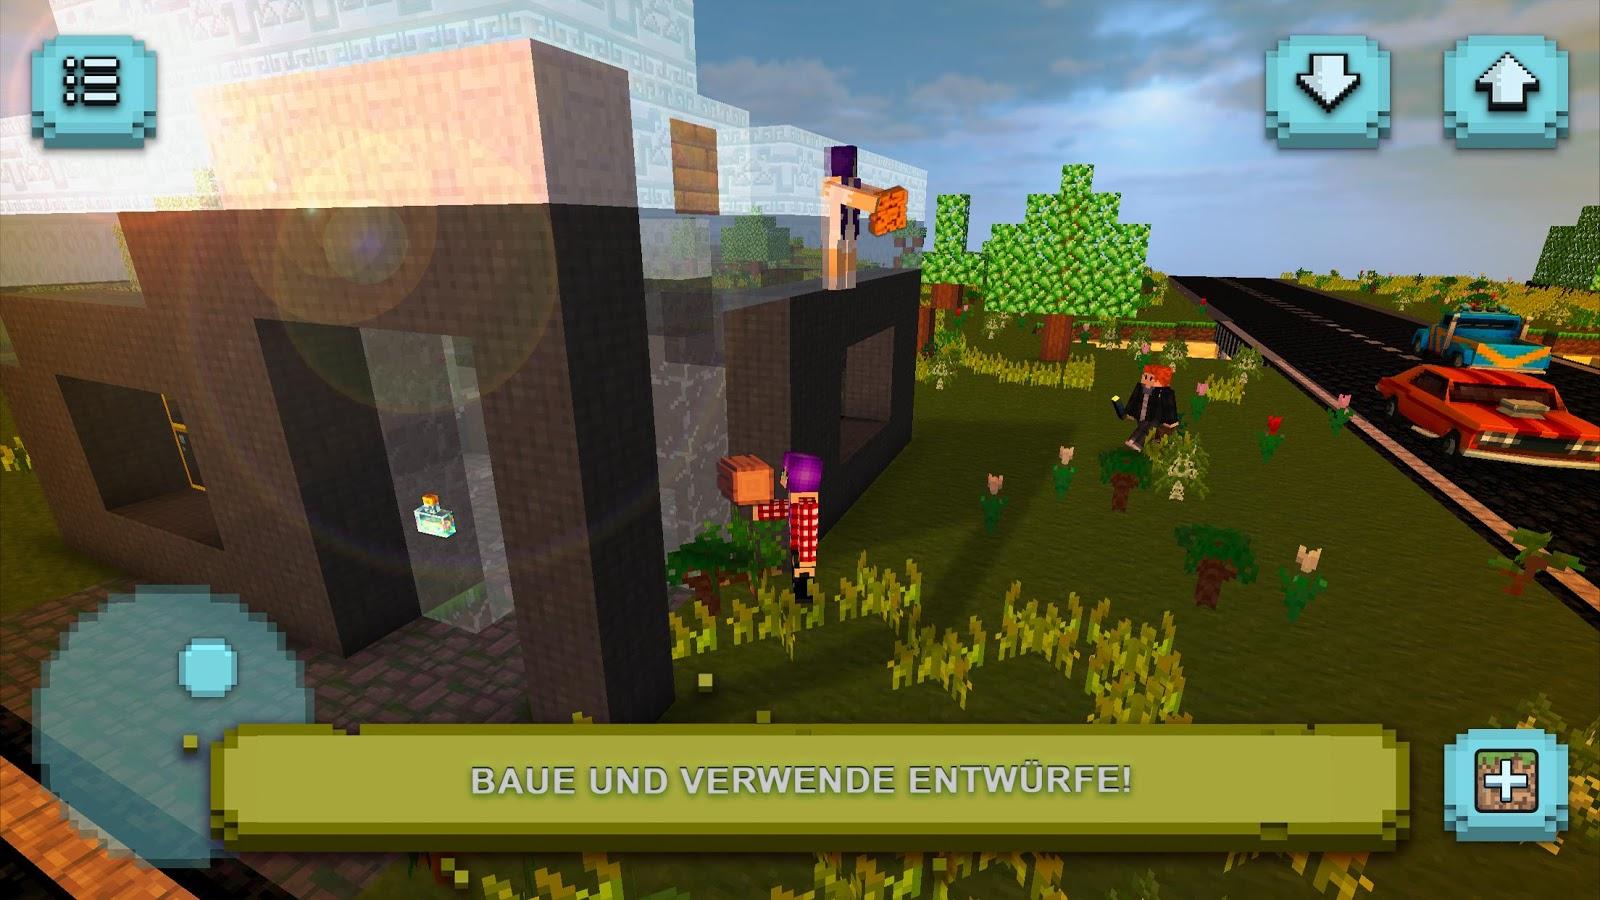 Erbauer Handwerk Haus Gebaude Erforschung Android Spiele Download